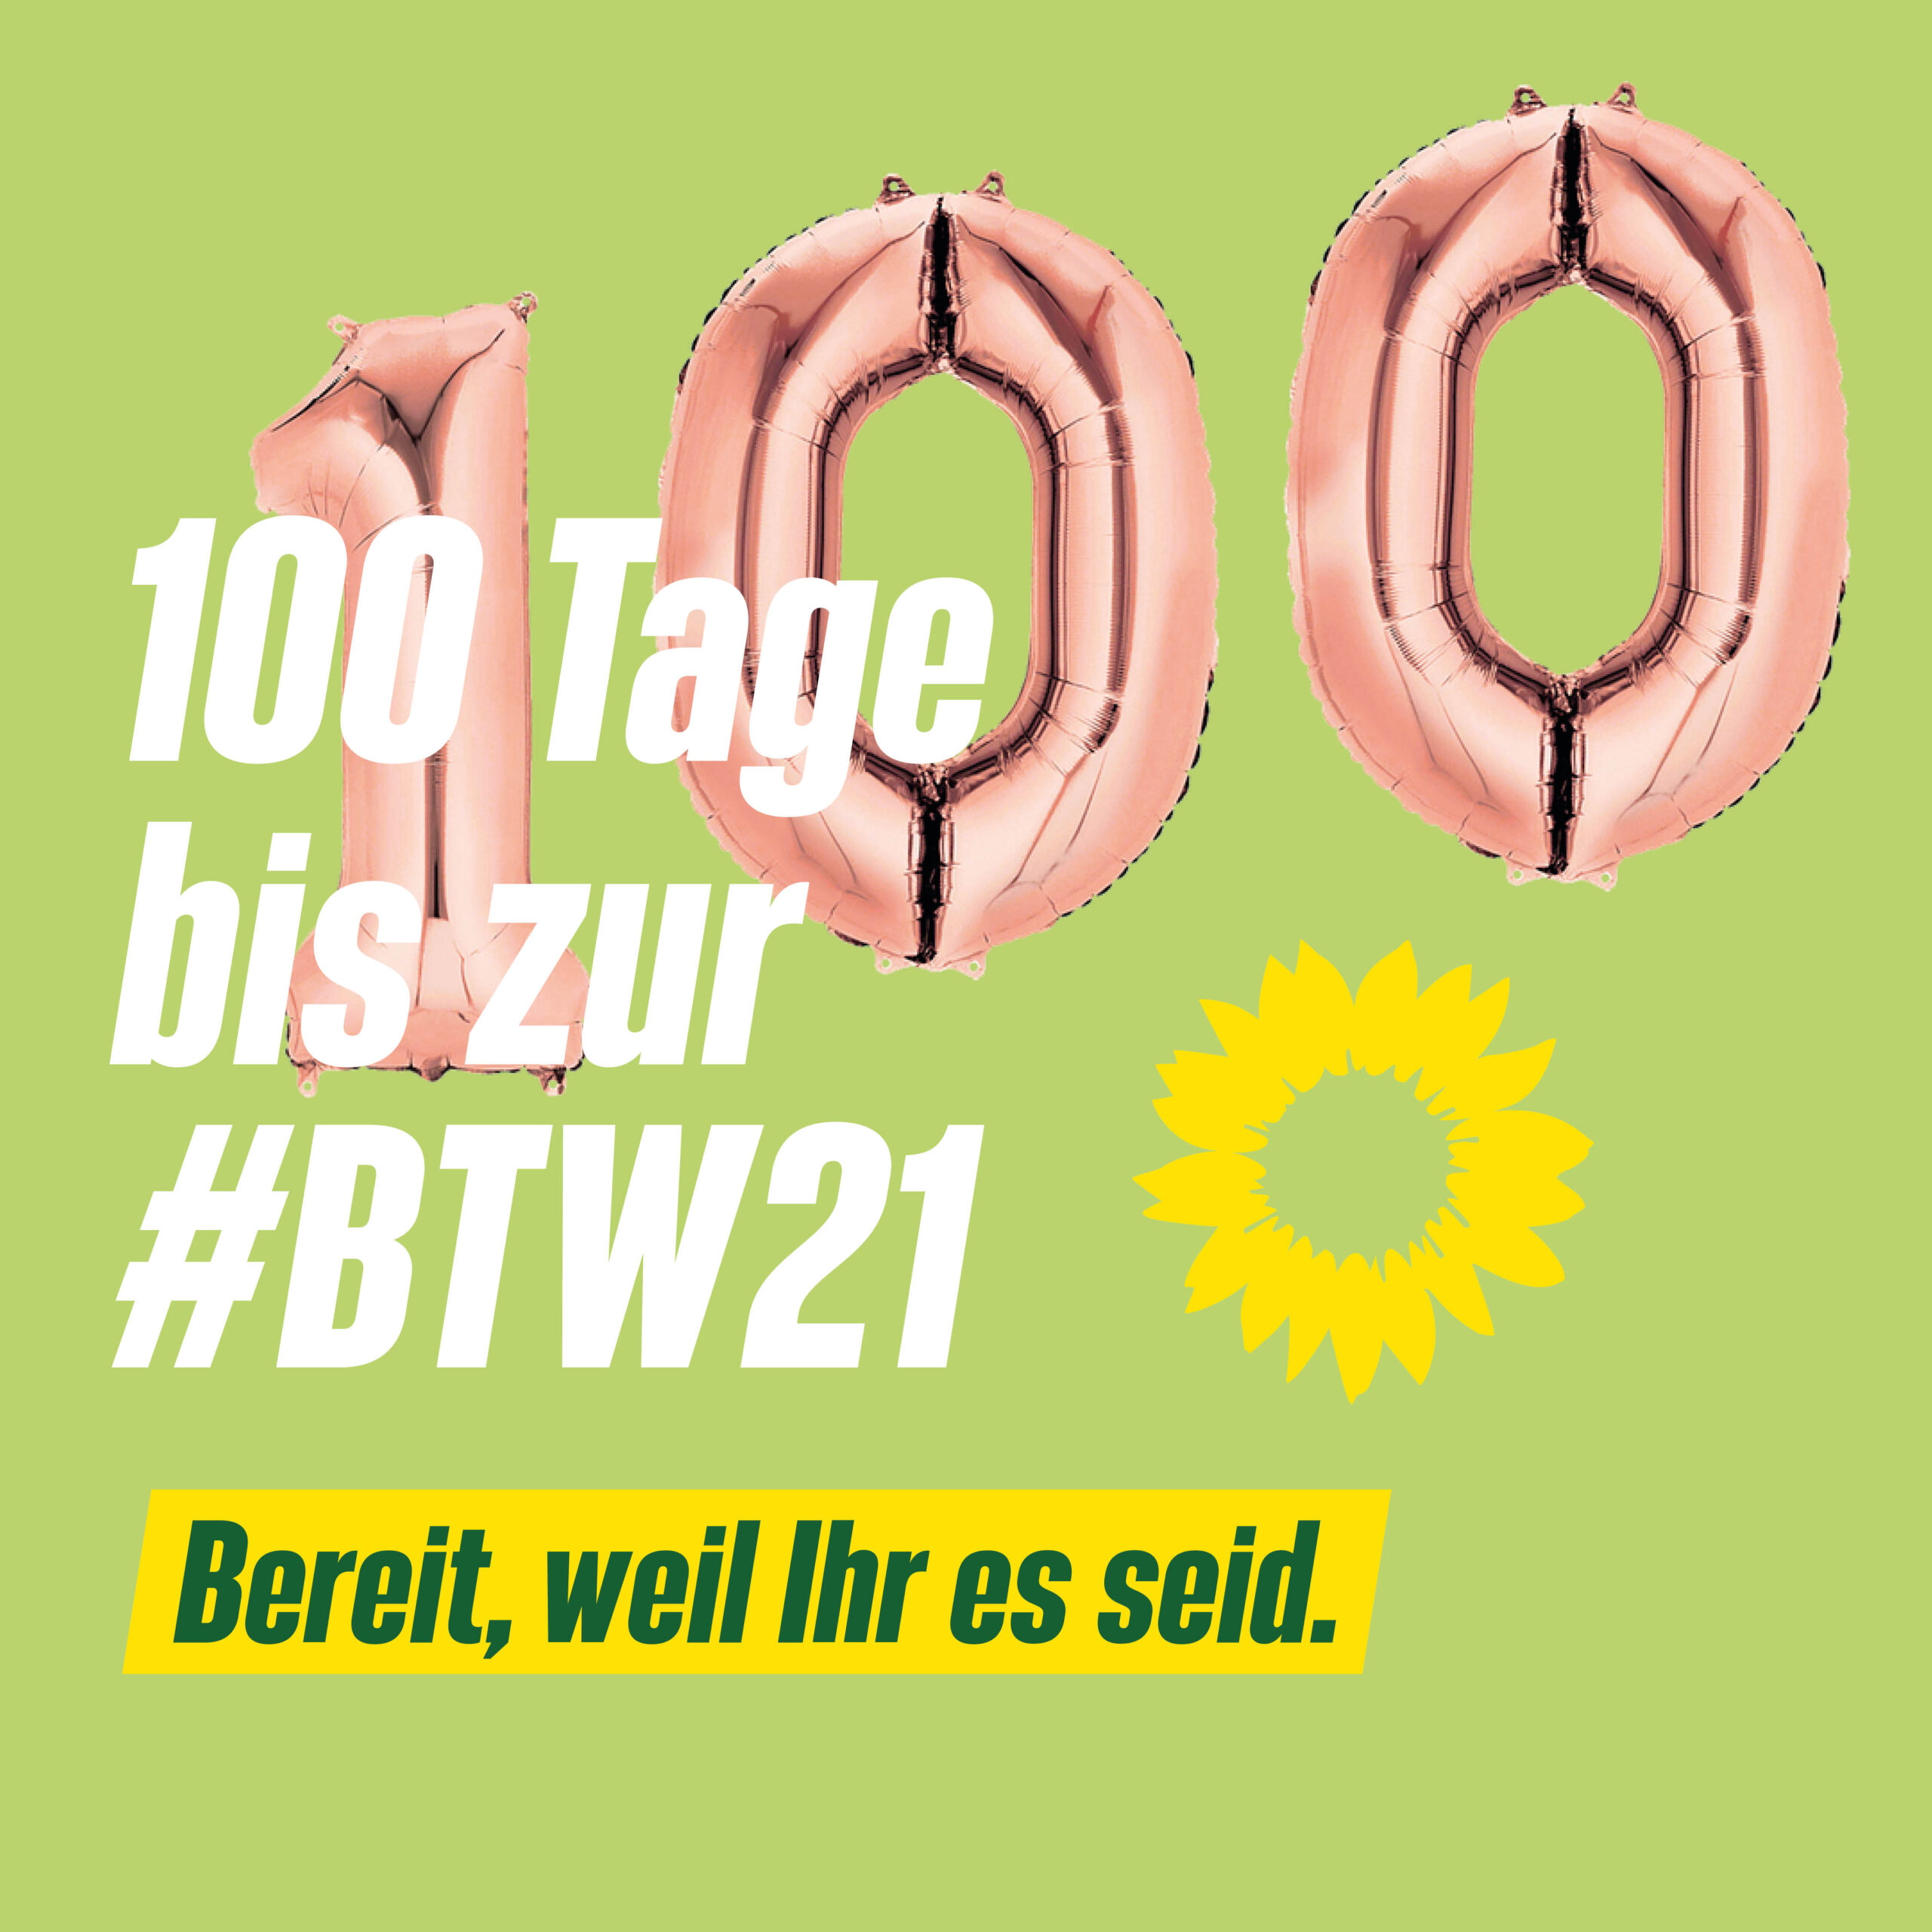 100 Tages bis zur #BTW21